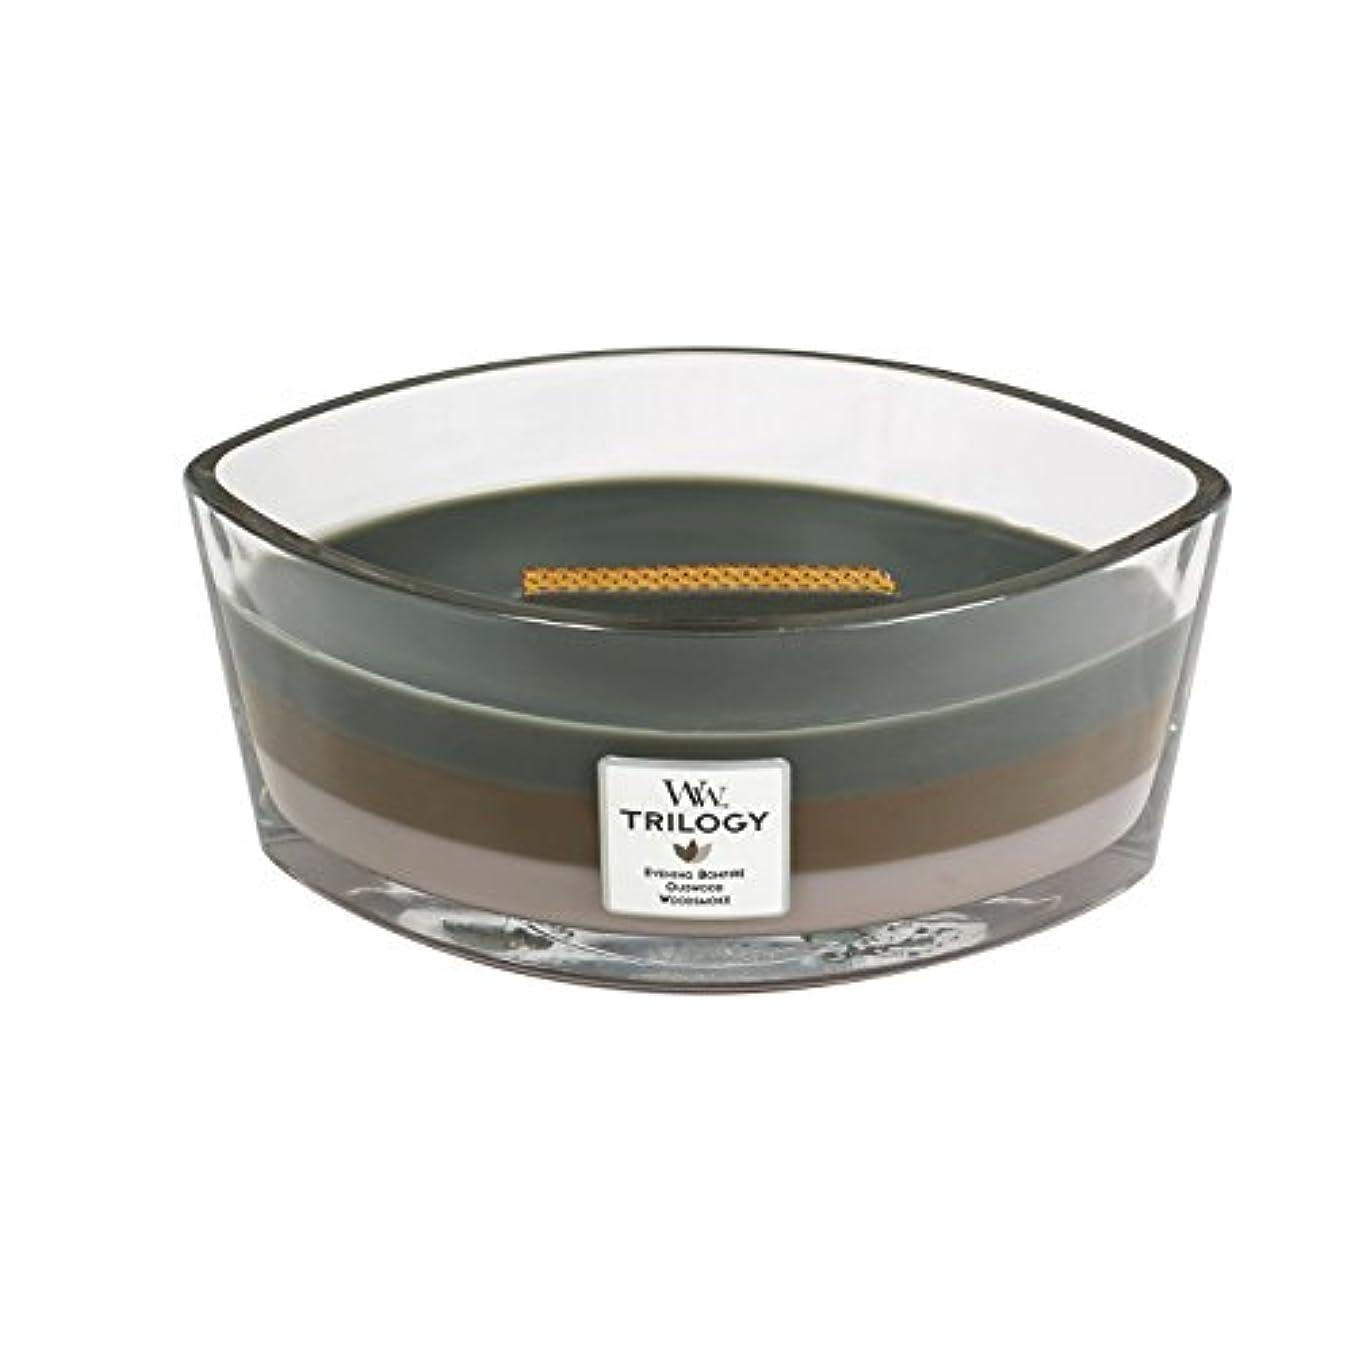 艶市長汚いWoodWick Trilogy cosy CABIN, 3-in-1 Highly Scented Candle, Ellipse Glass Jar with Original HearthWick Flame, Large...